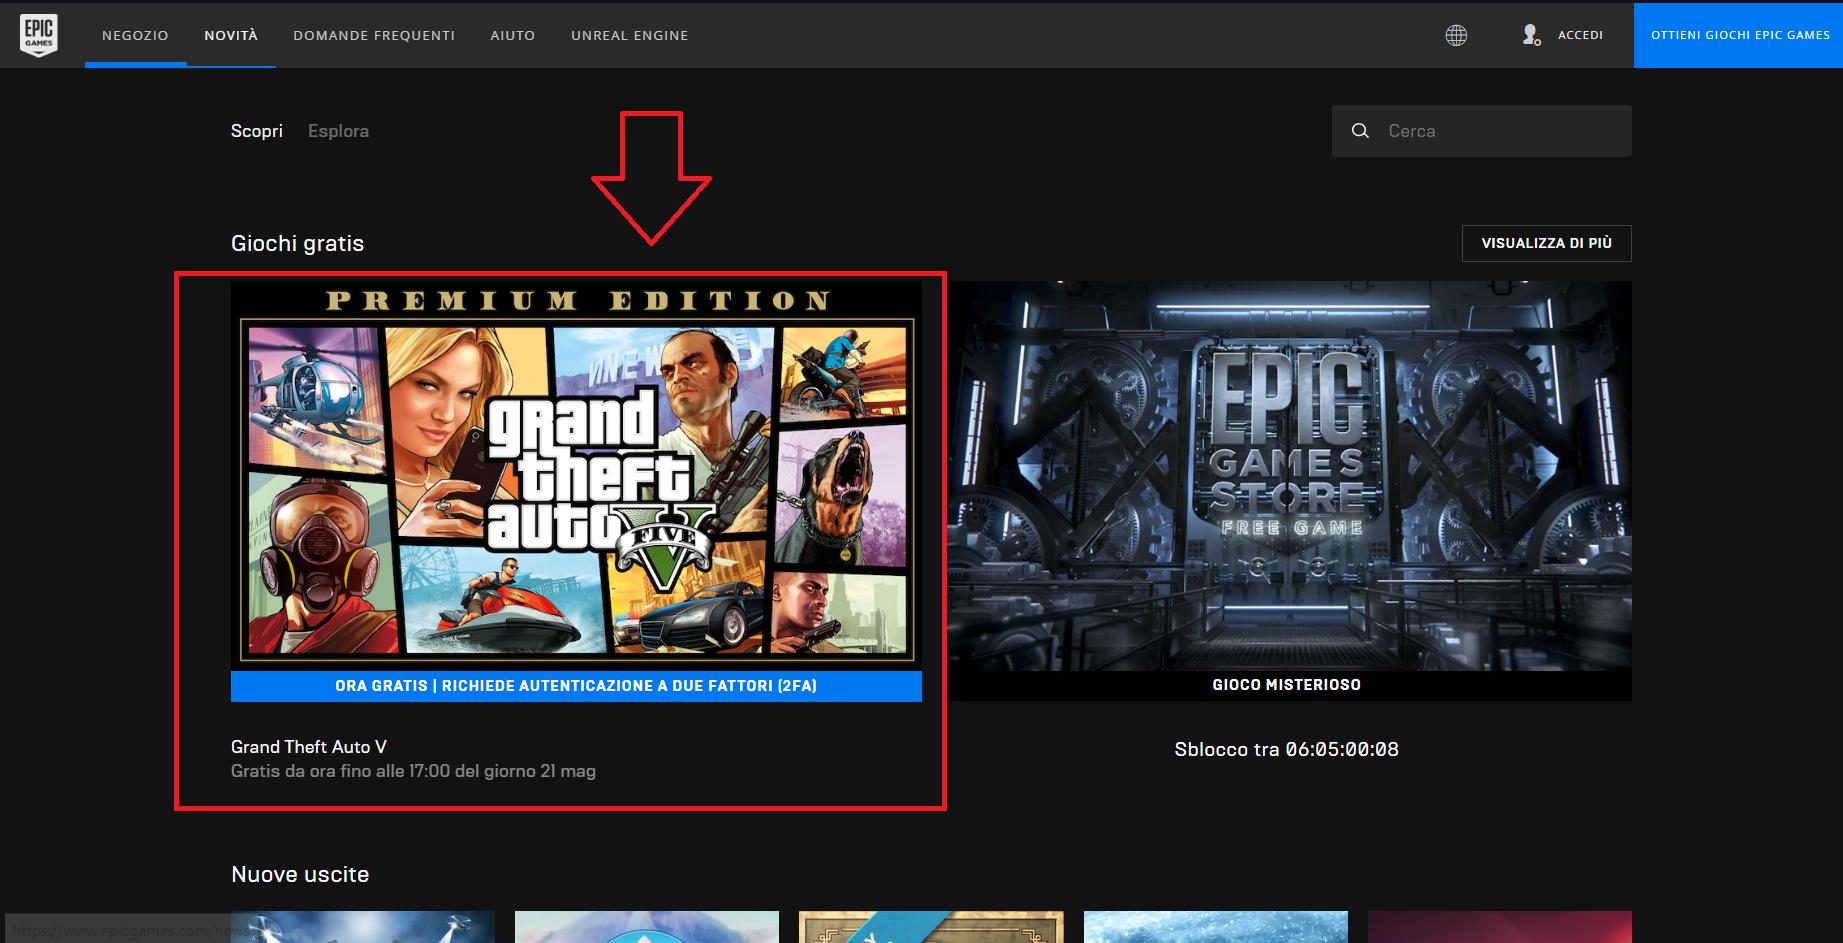 EpicGames regala GTA V!